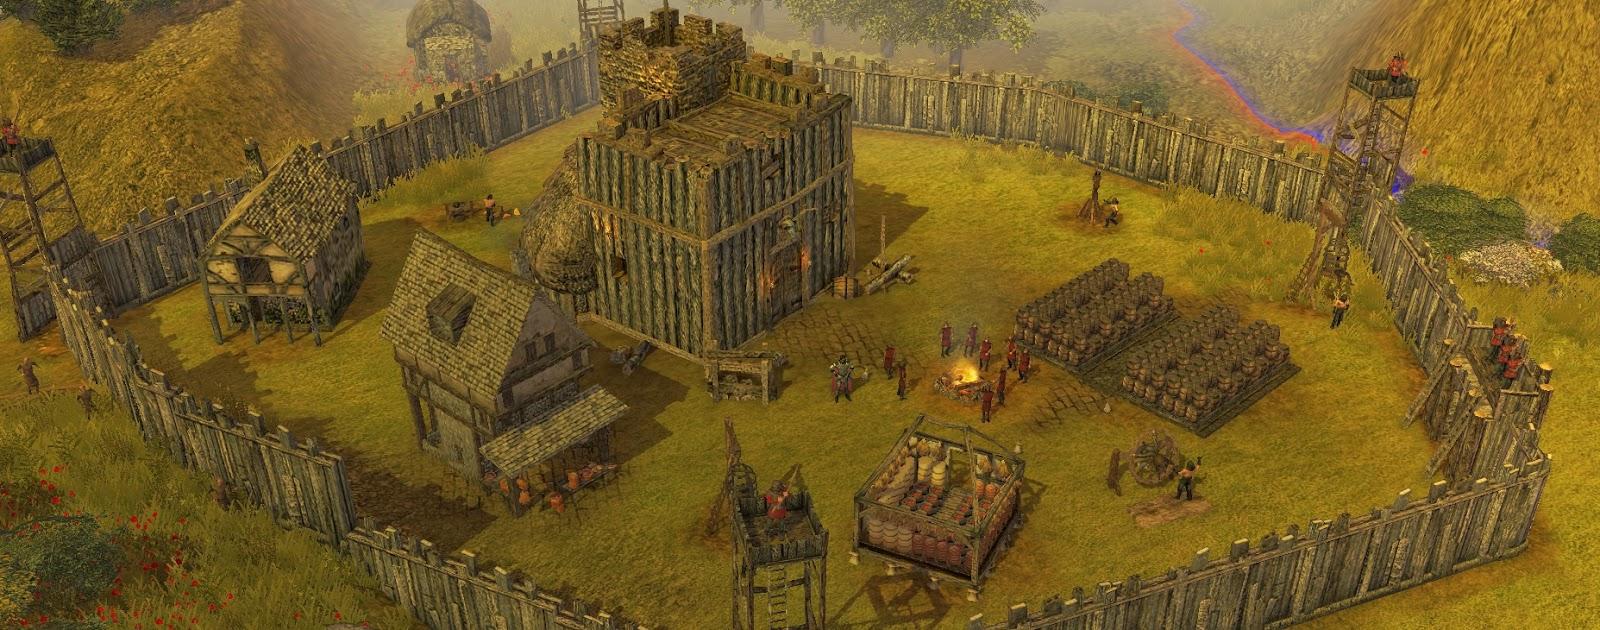 Stronghold Crusader 2 Crack Keygen Free Download Full Version